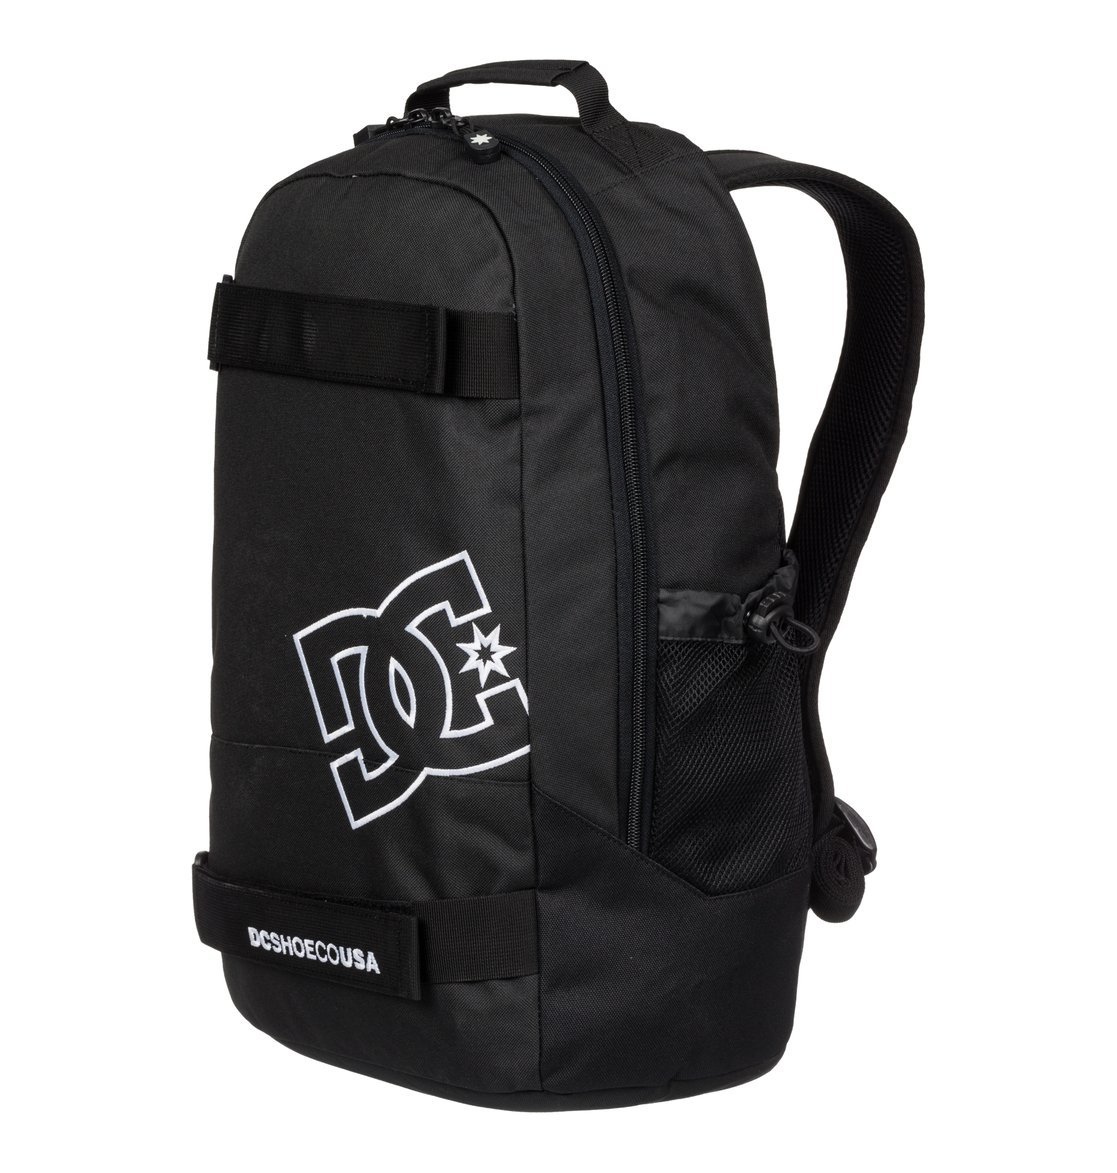 Grind - Skate Backpack EDYBP03030 | DC Shoes